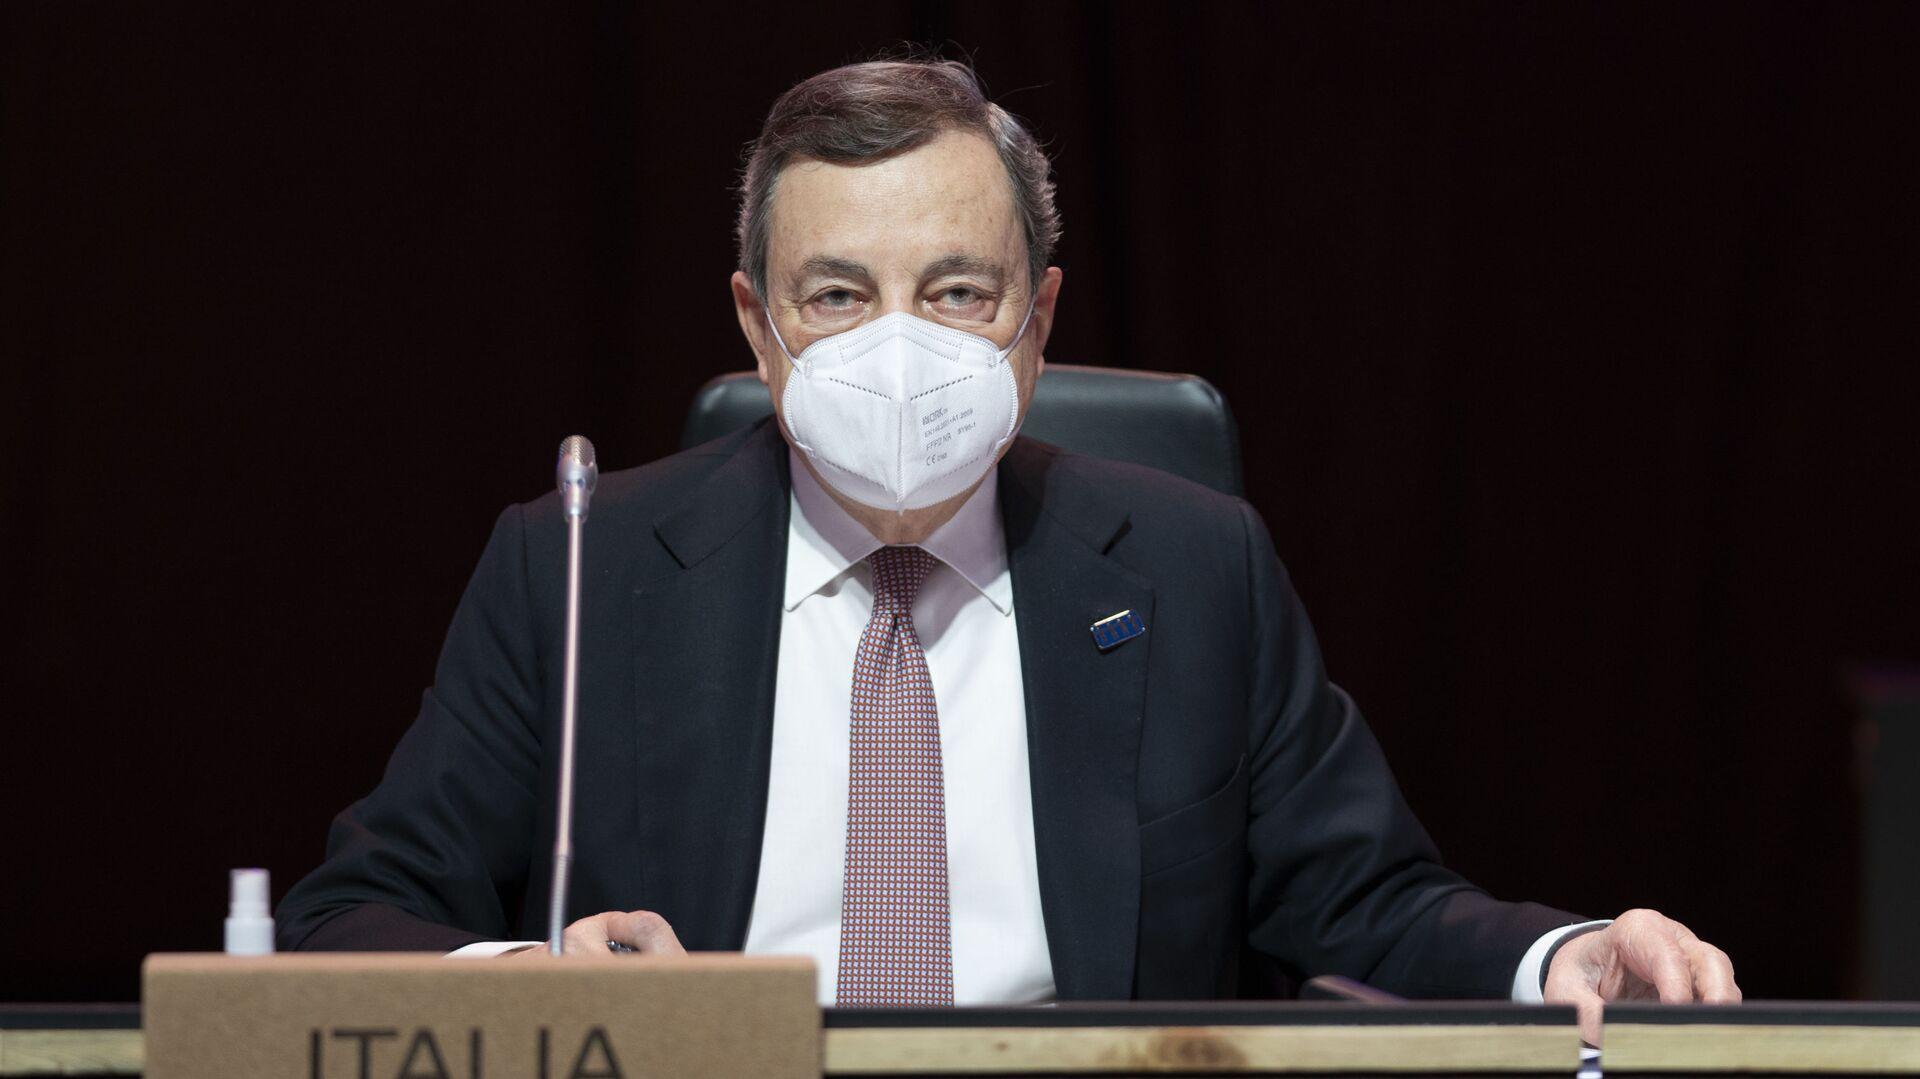 Il Presidente del Consiglio, Mario Draghi, alla Riunione informale dei Capi di Stato e di Governo del Consiglio europeo. - Sputnik Italia, 1920, 18.05.2021